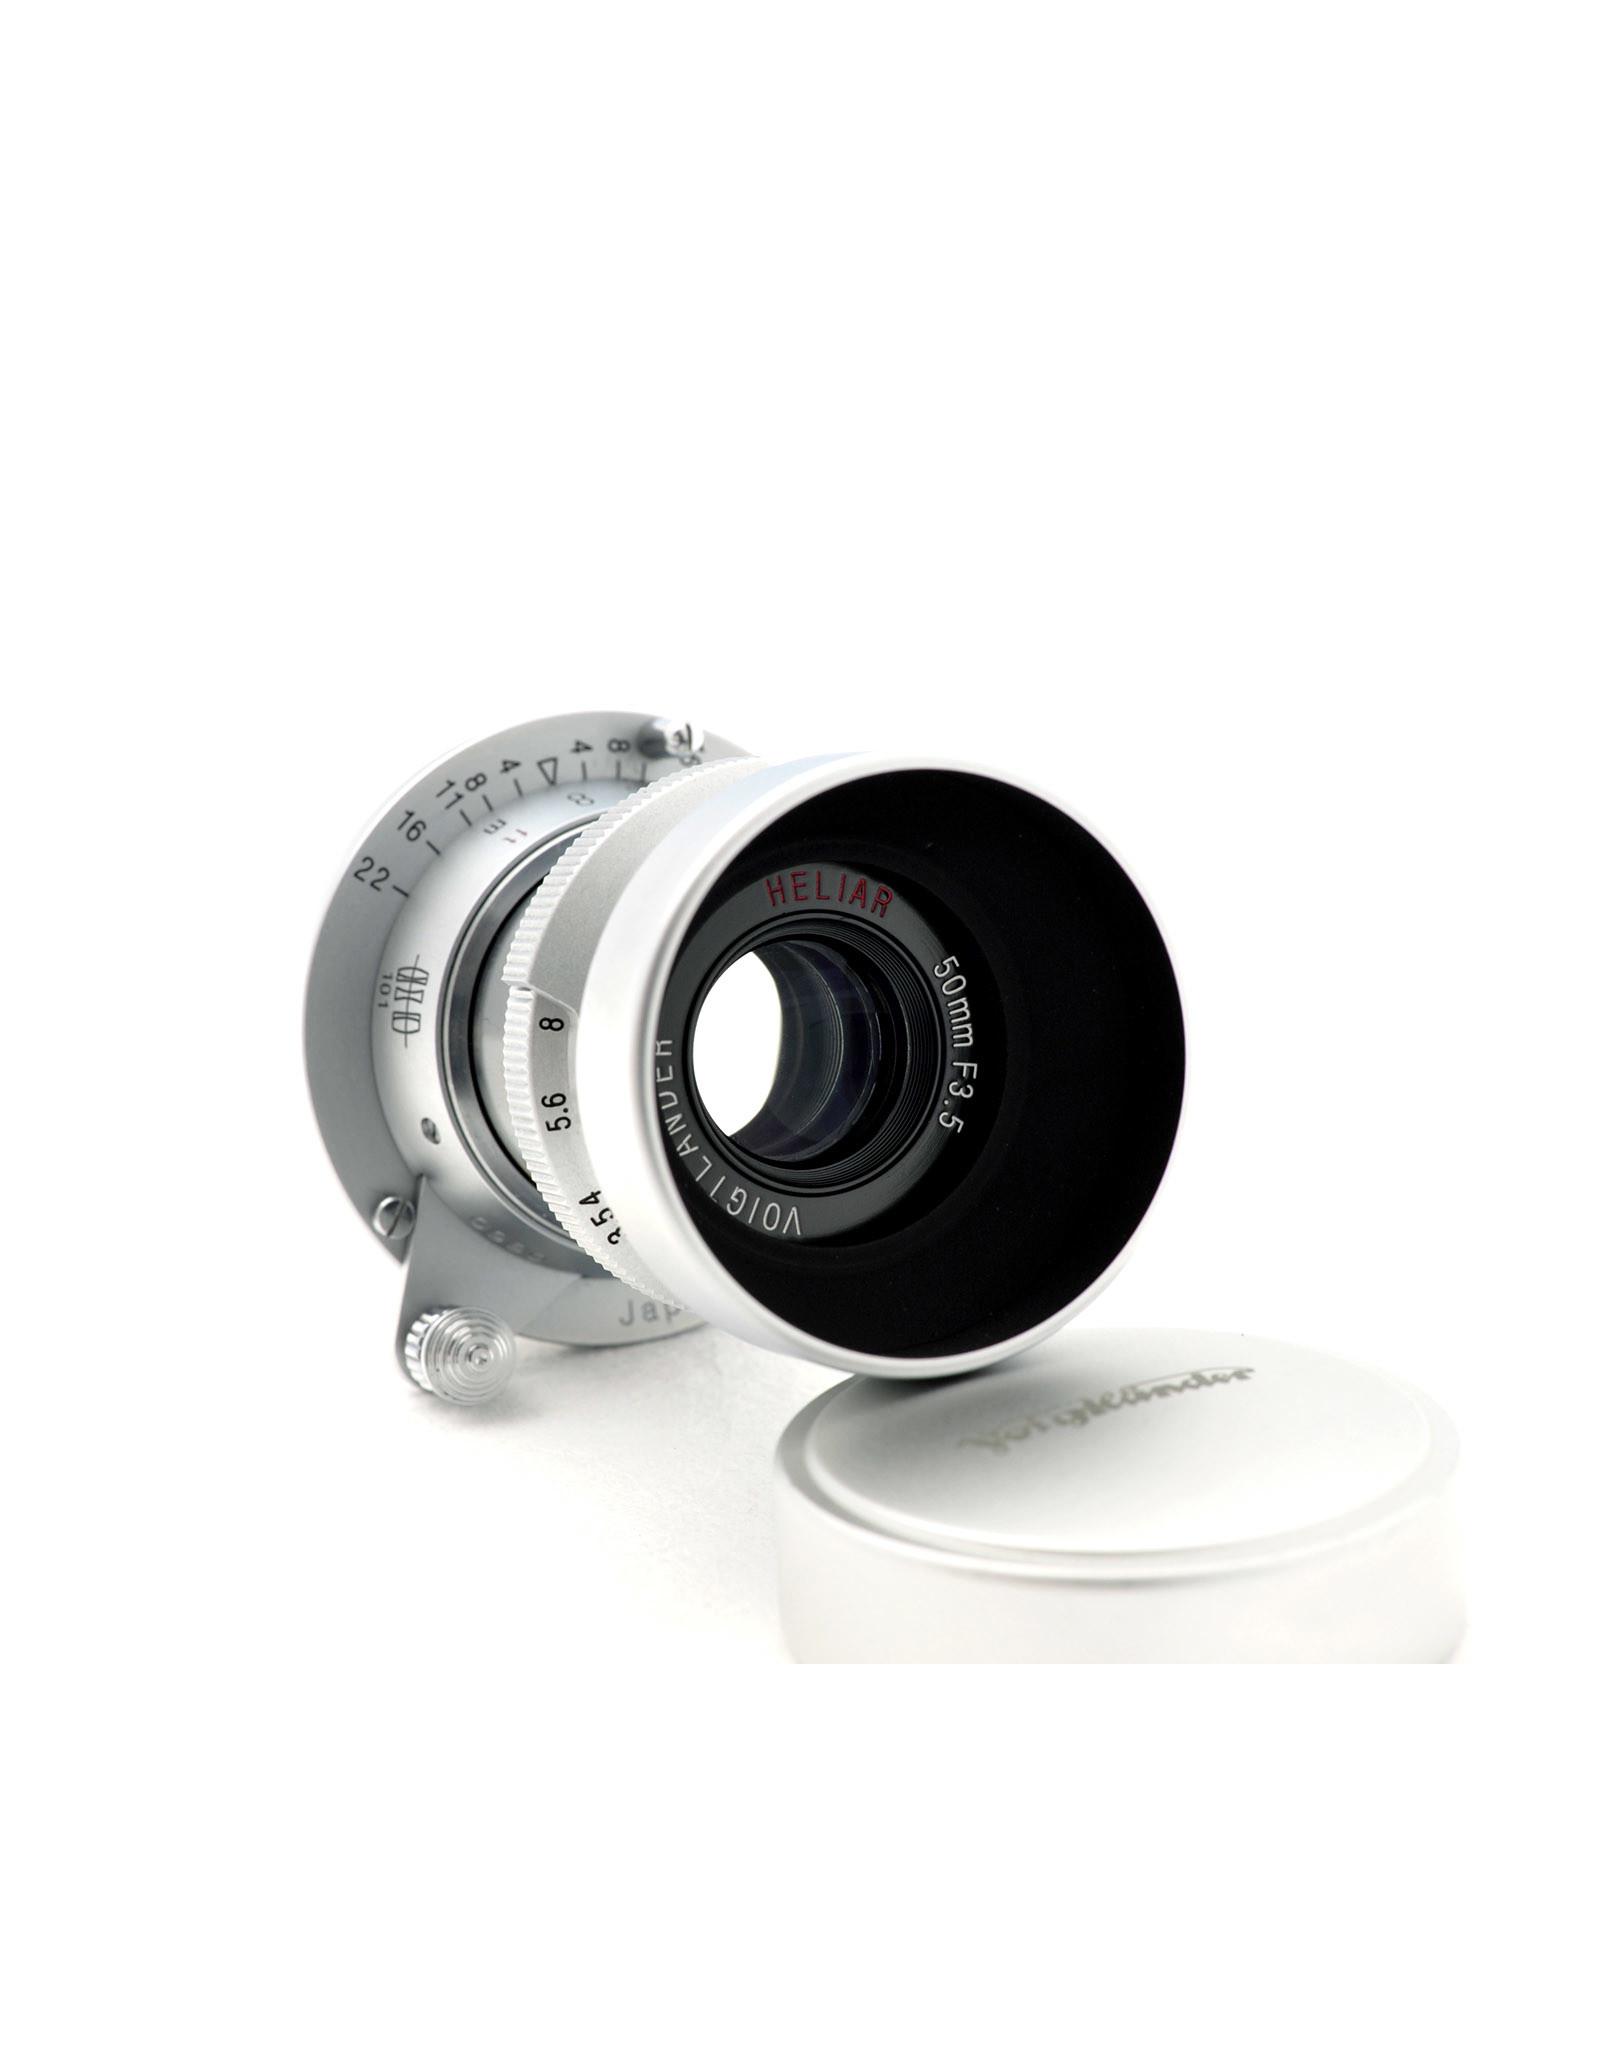 Voigtlander Voigtlander 50mm f3.5 Heliar 101 collapsible L39 Silver    ALC120705